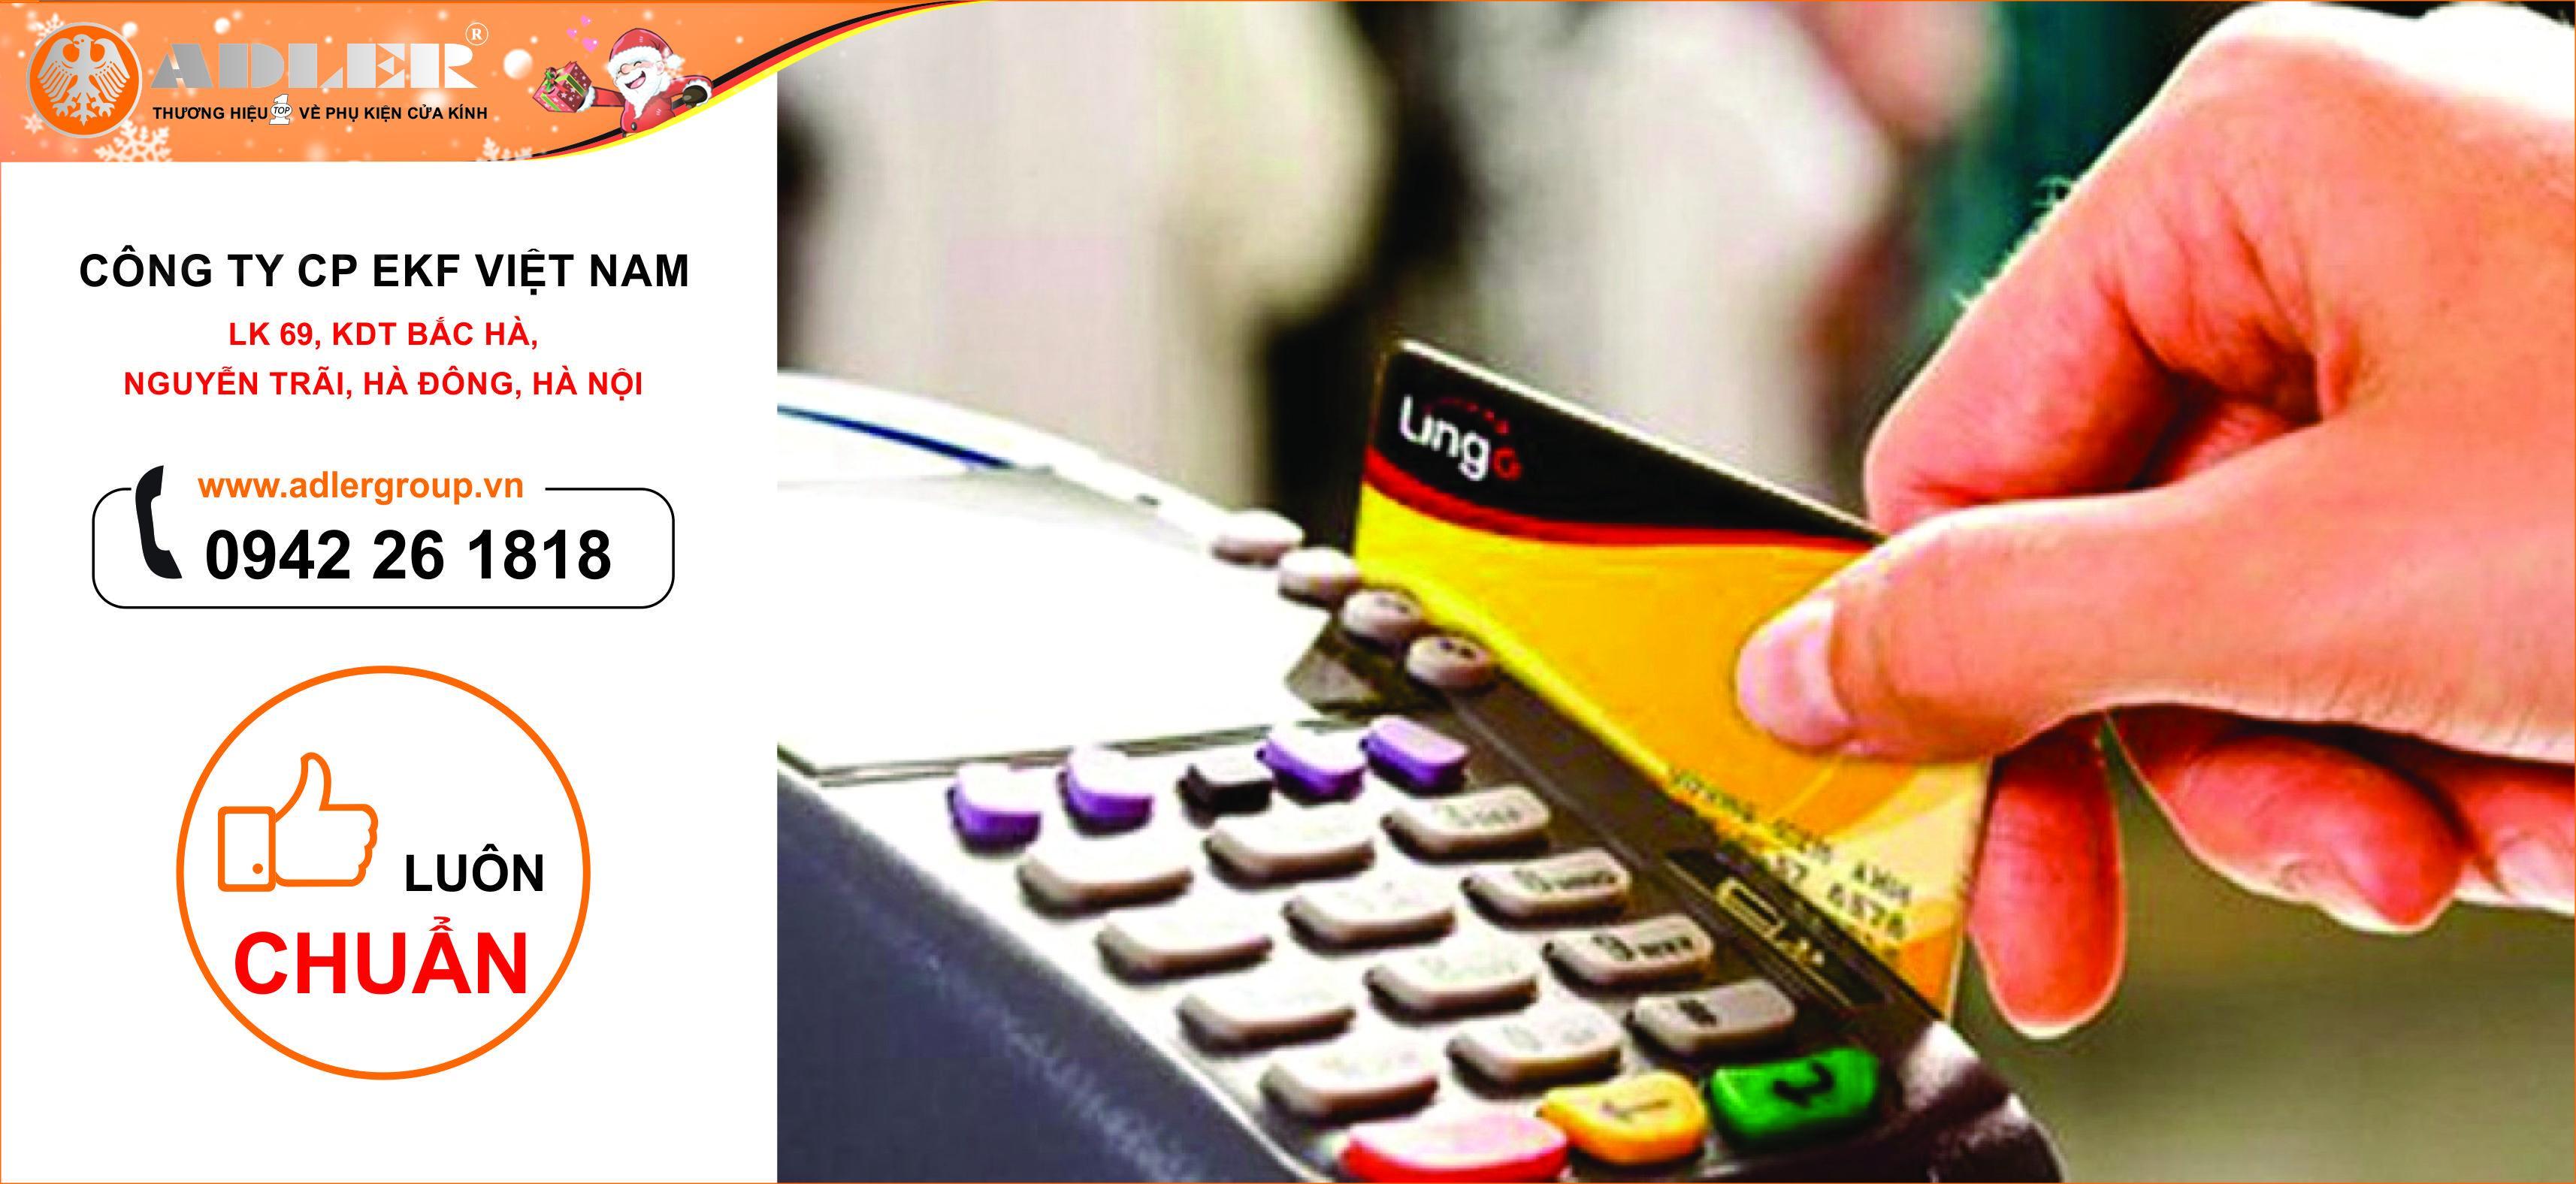 Việc quẹt thẻ sẽ làm bạn khó lòng kiểm soát được nỗi thèm muốn